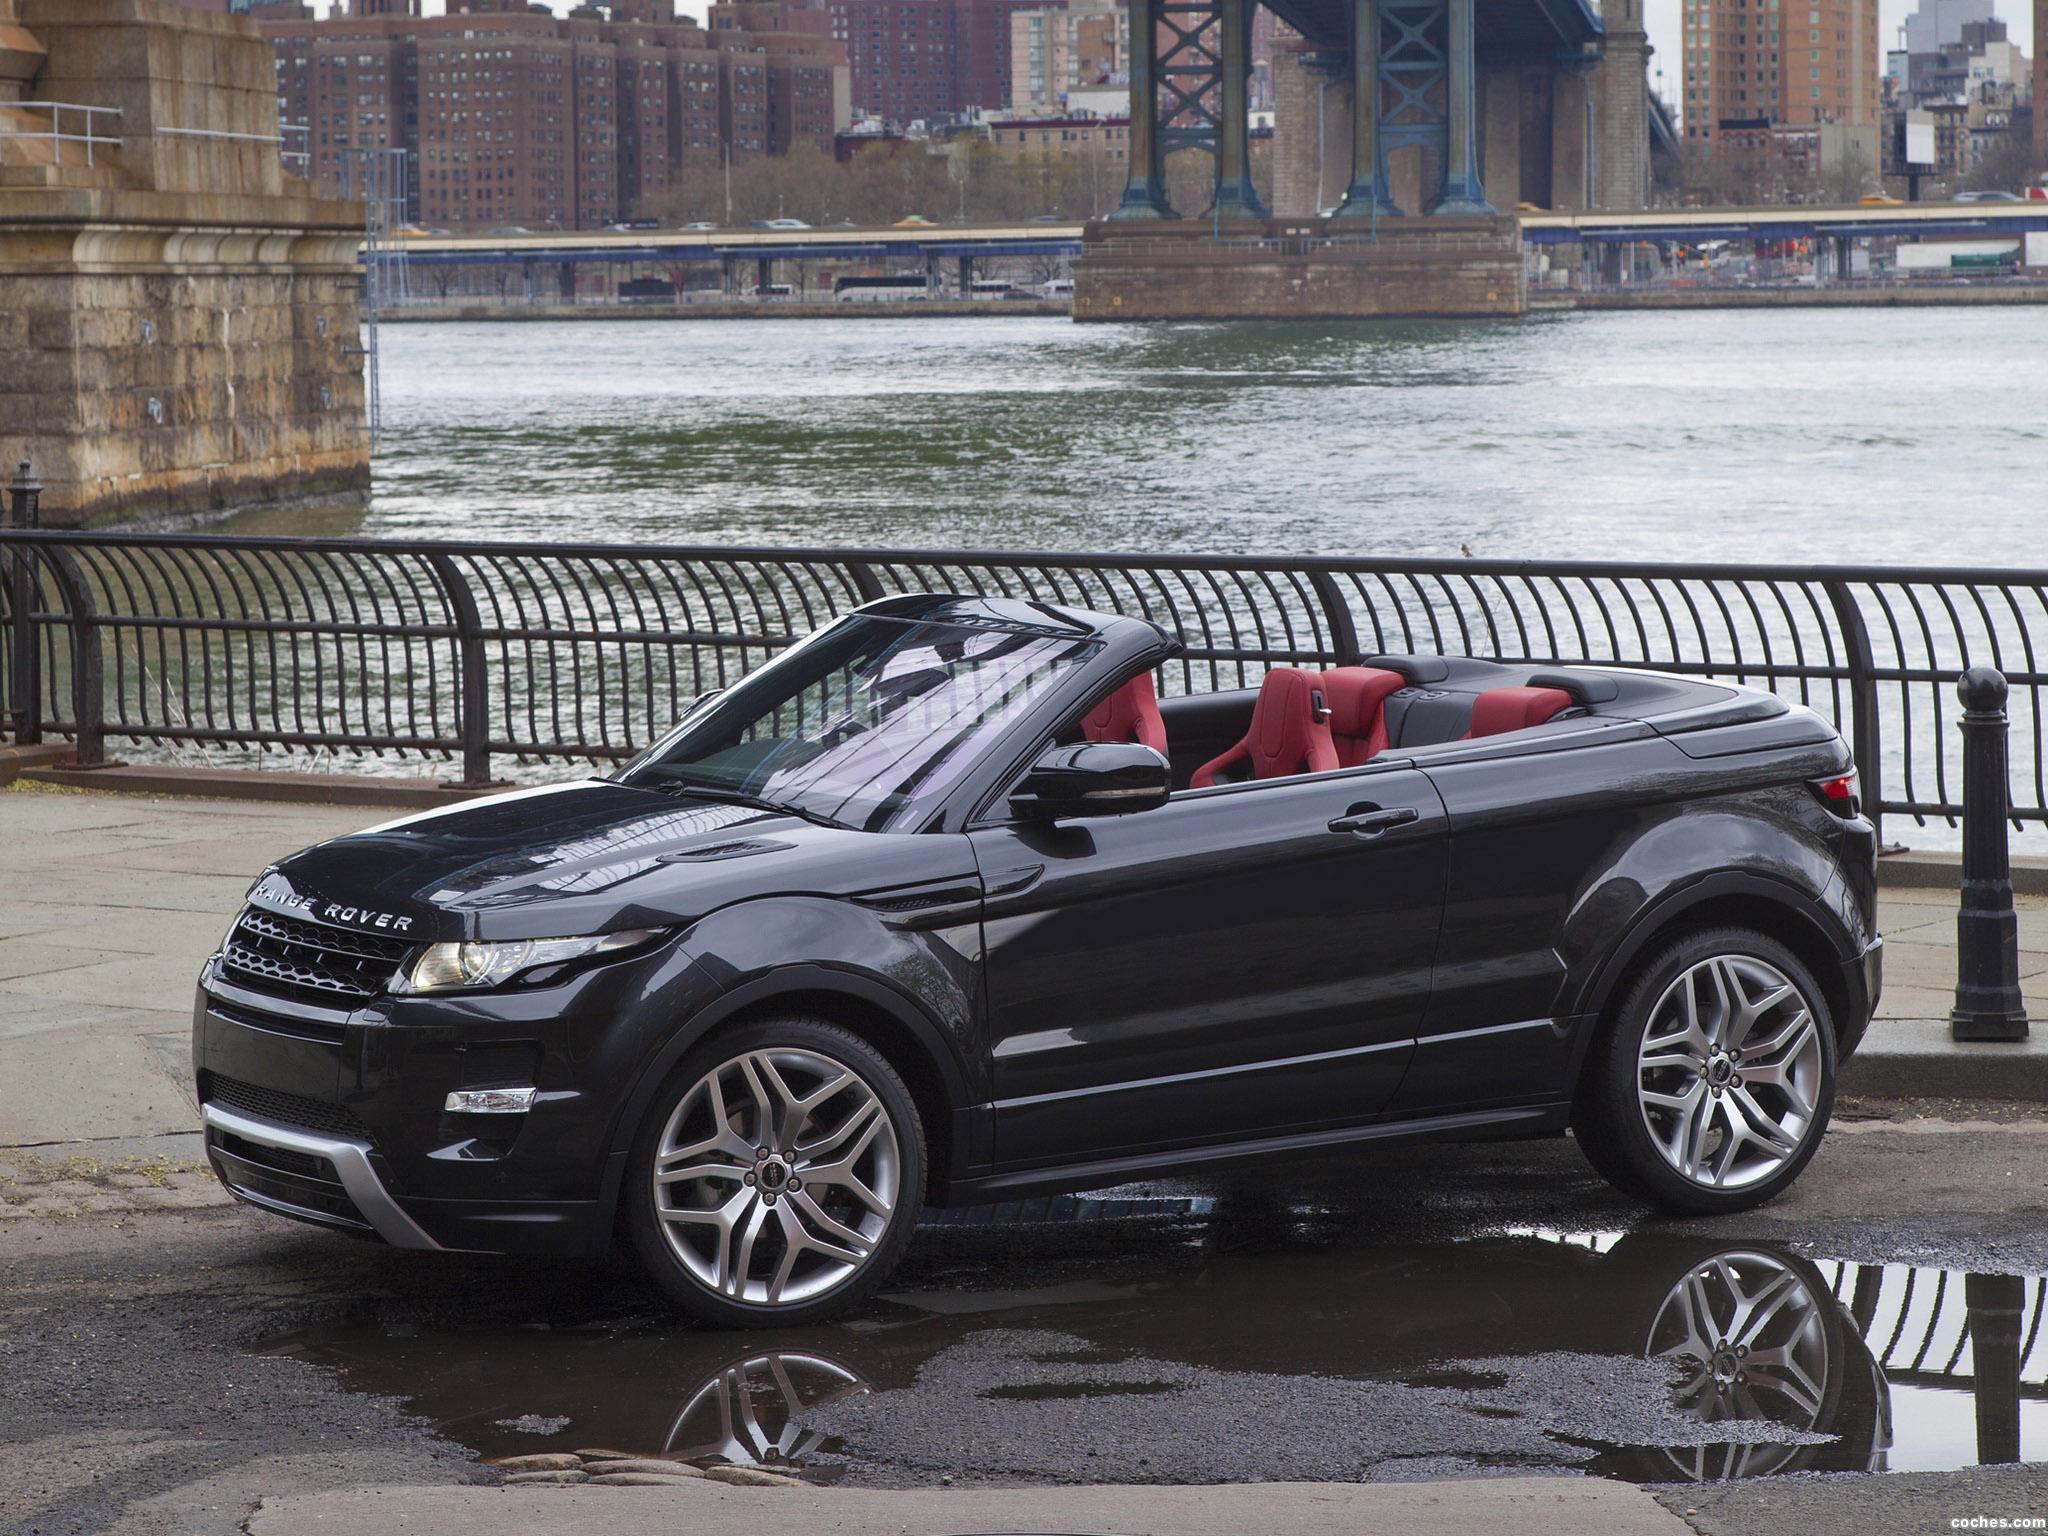 Foto 6 de Land Rover Range Rover Evoque Convertible Concept 2012